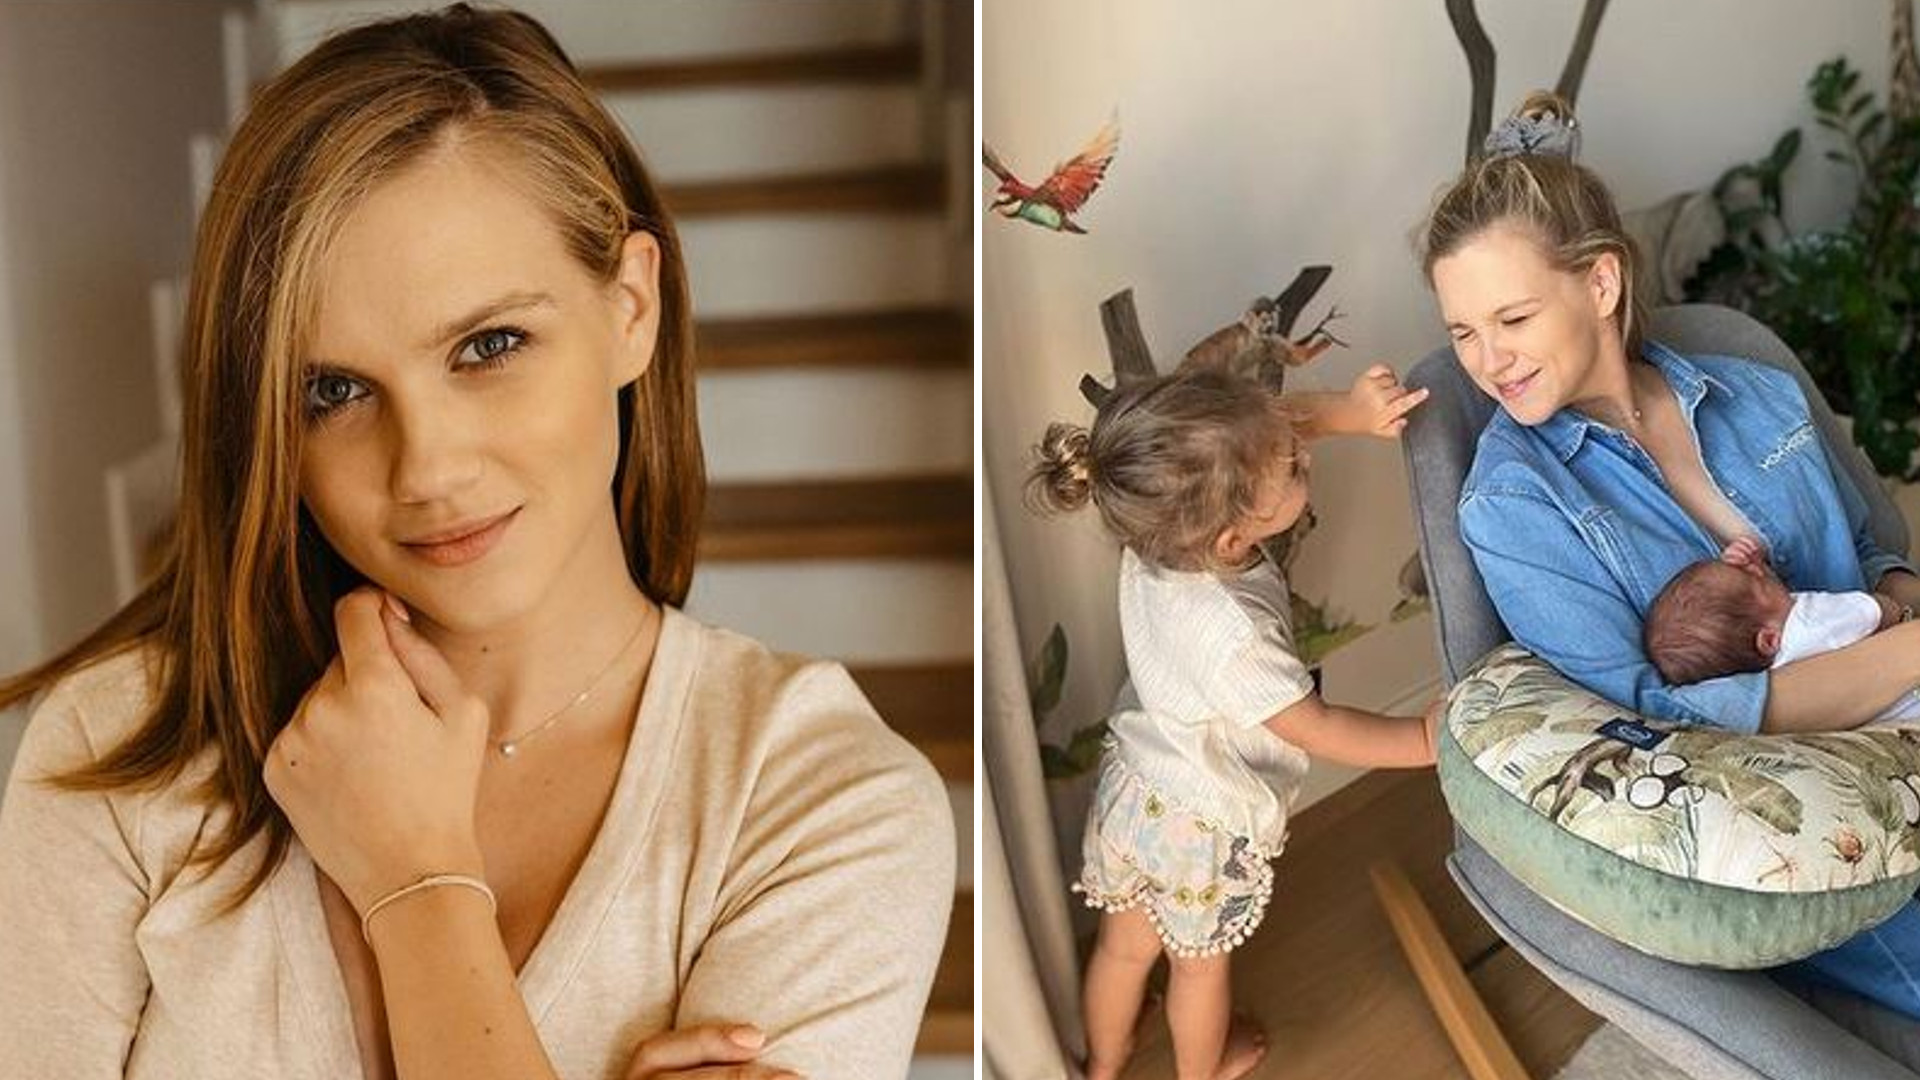 Agnieszka Kaczorowska publikuje nowe rodzinne zdjęcie i zdradza pewien sekret